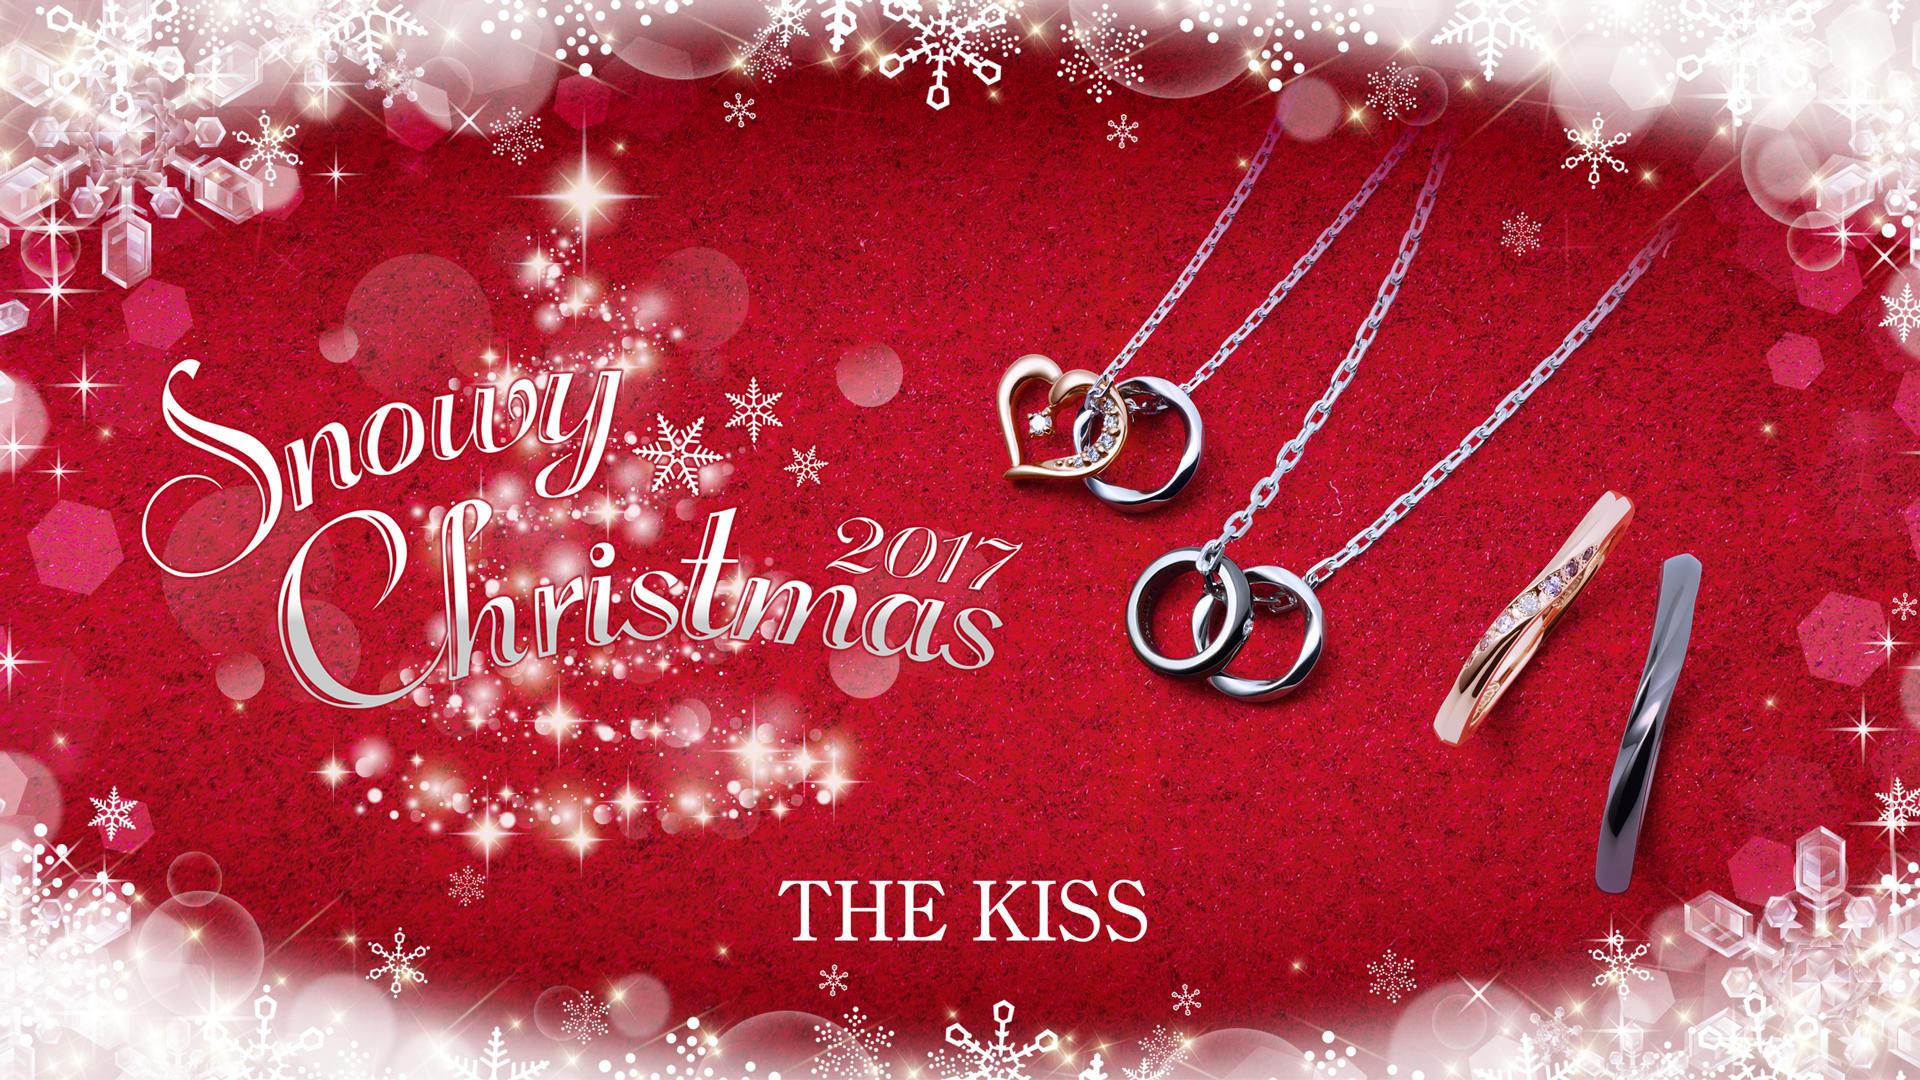 2017年 the kiss couple s the kiss sweetsクリスマス限定商品発売